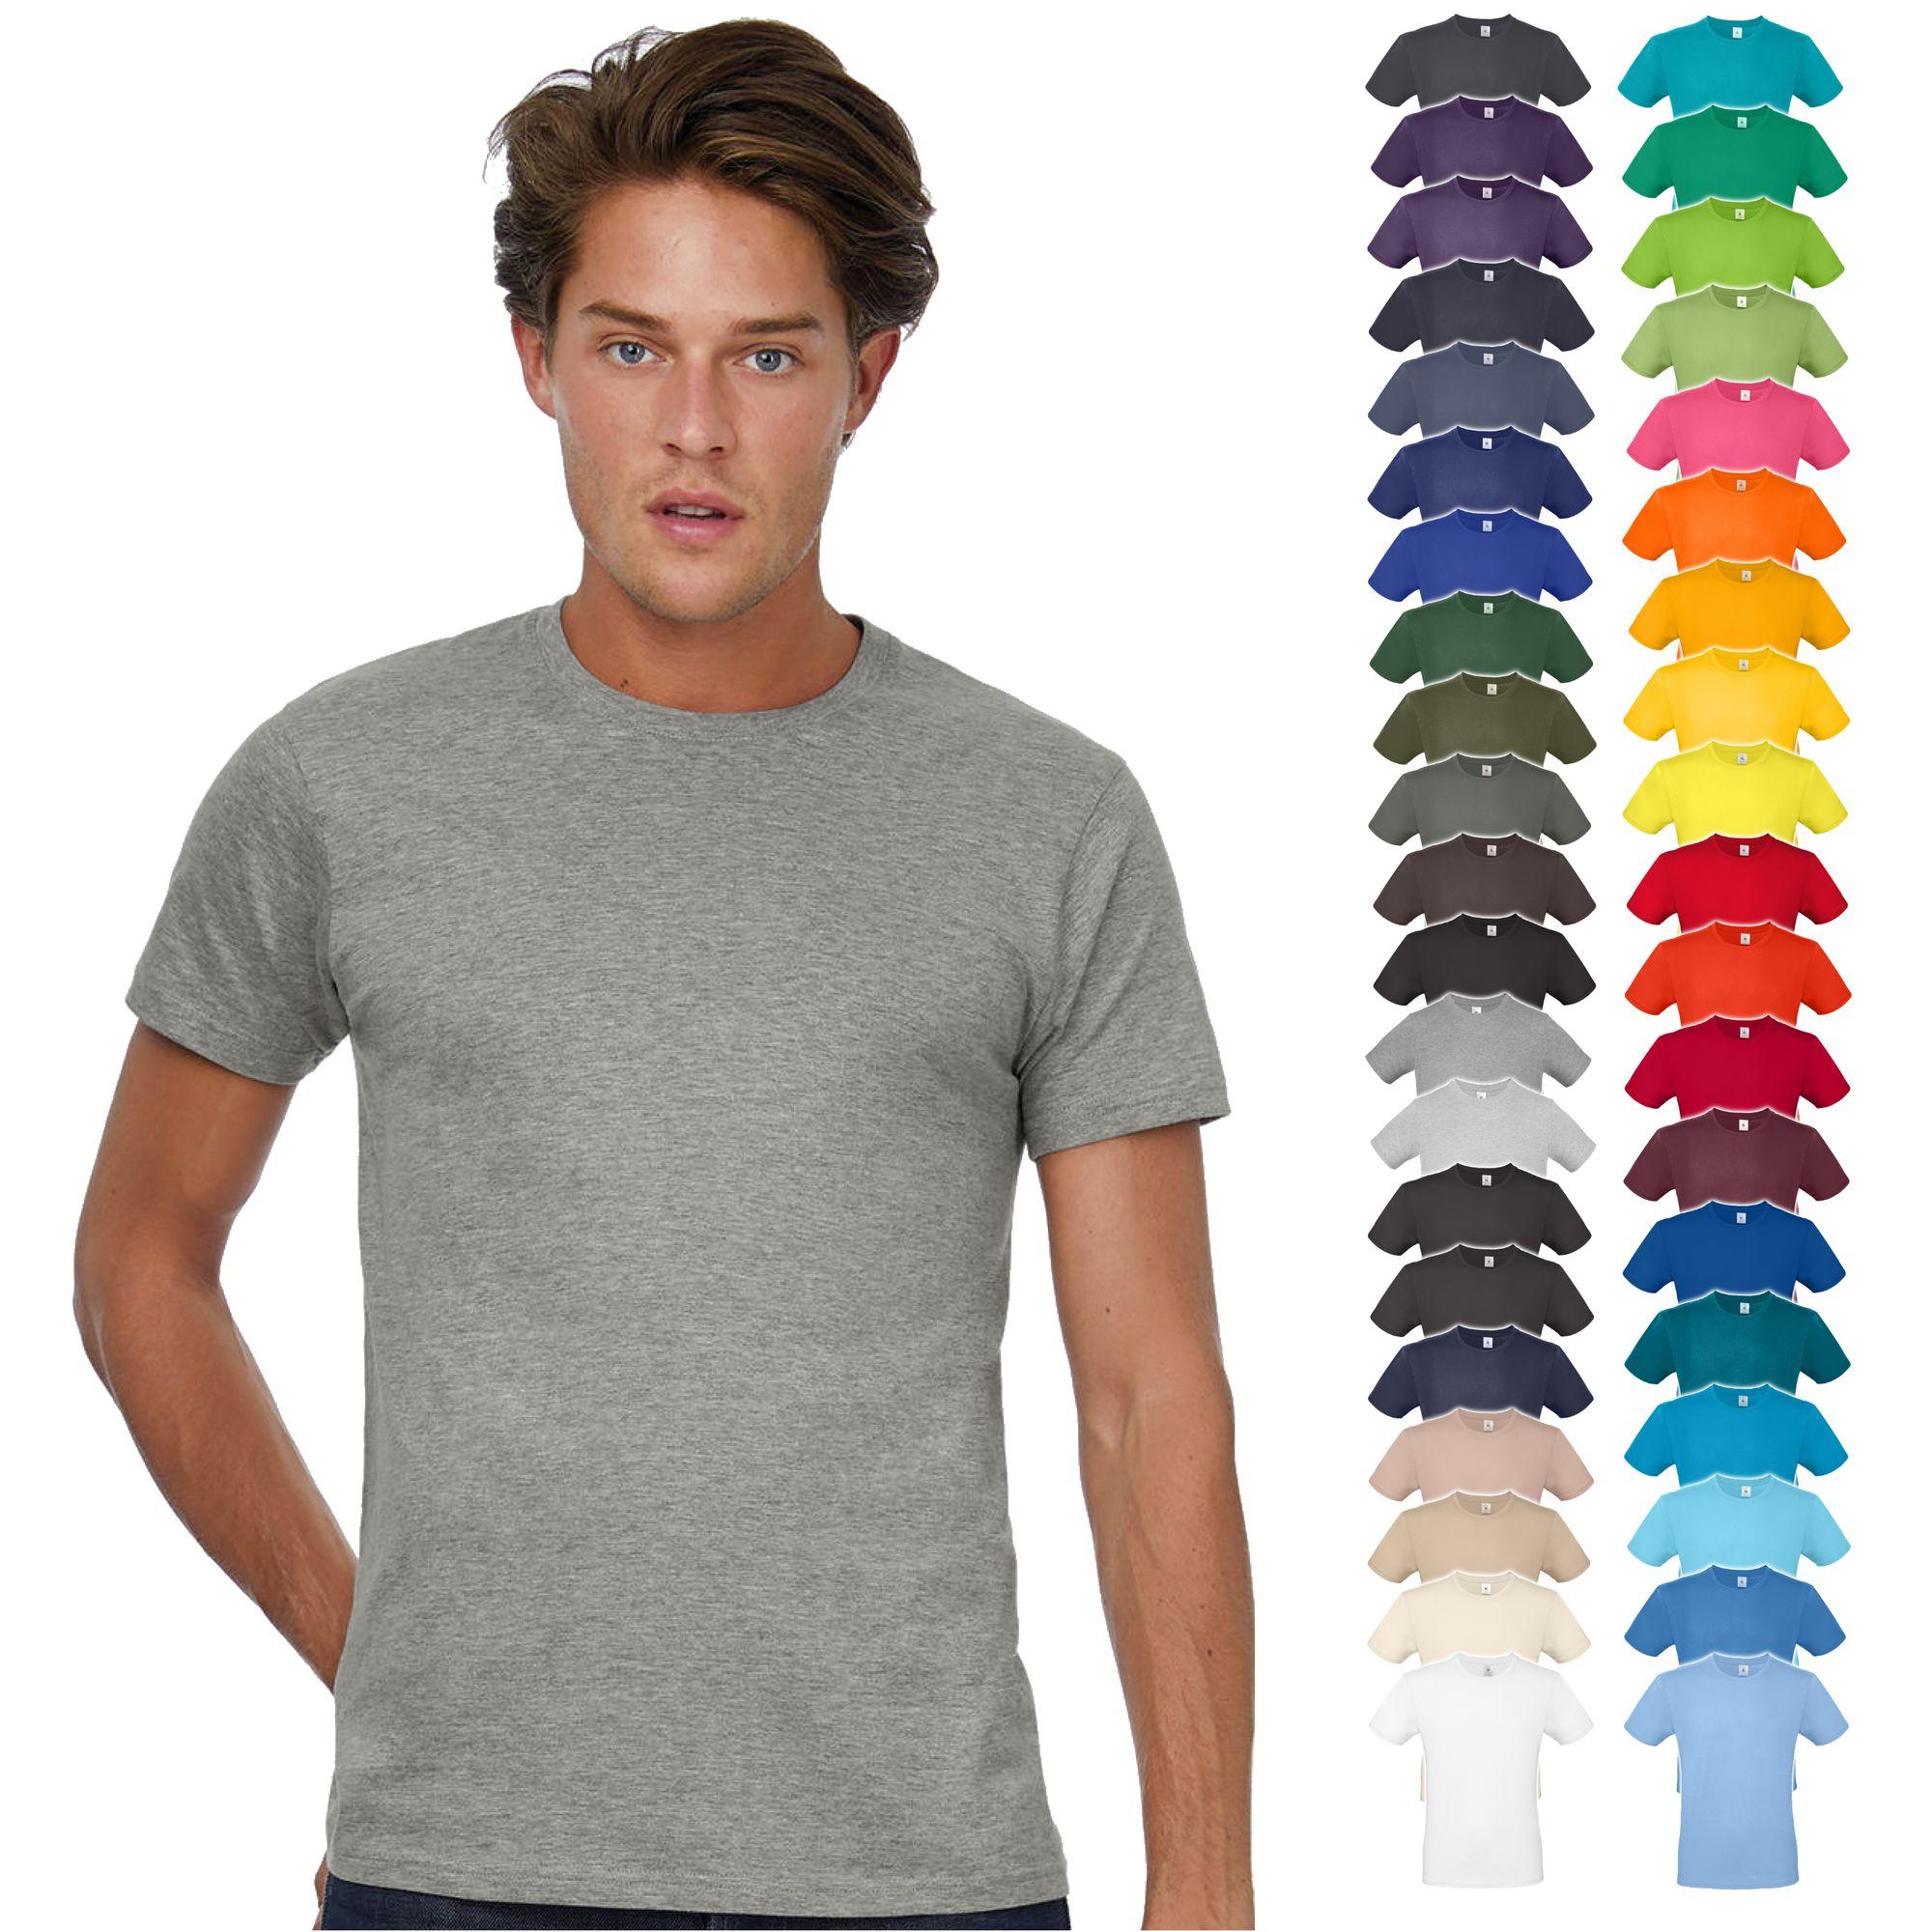 B&C #E150 Basic T-Shirt 10 Stück in verschiedenen Farben & Größen [XS - 2XL]